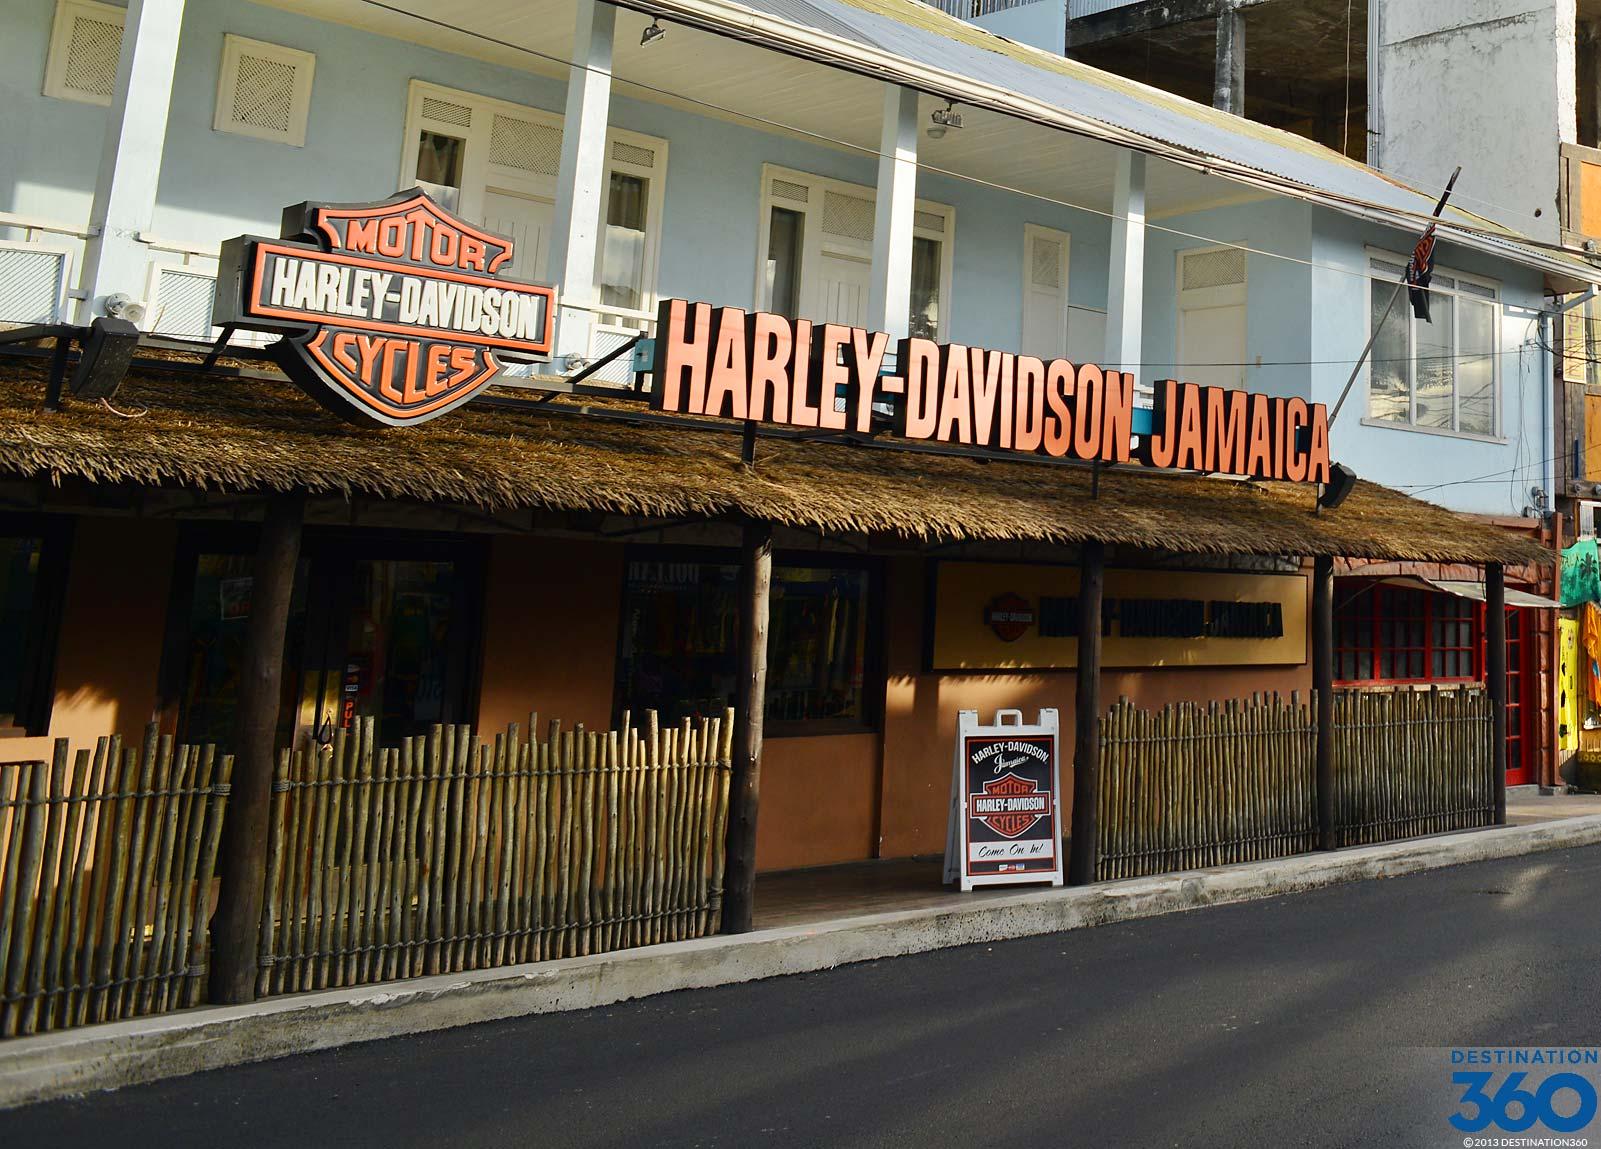 Harley Davidson Jamaica